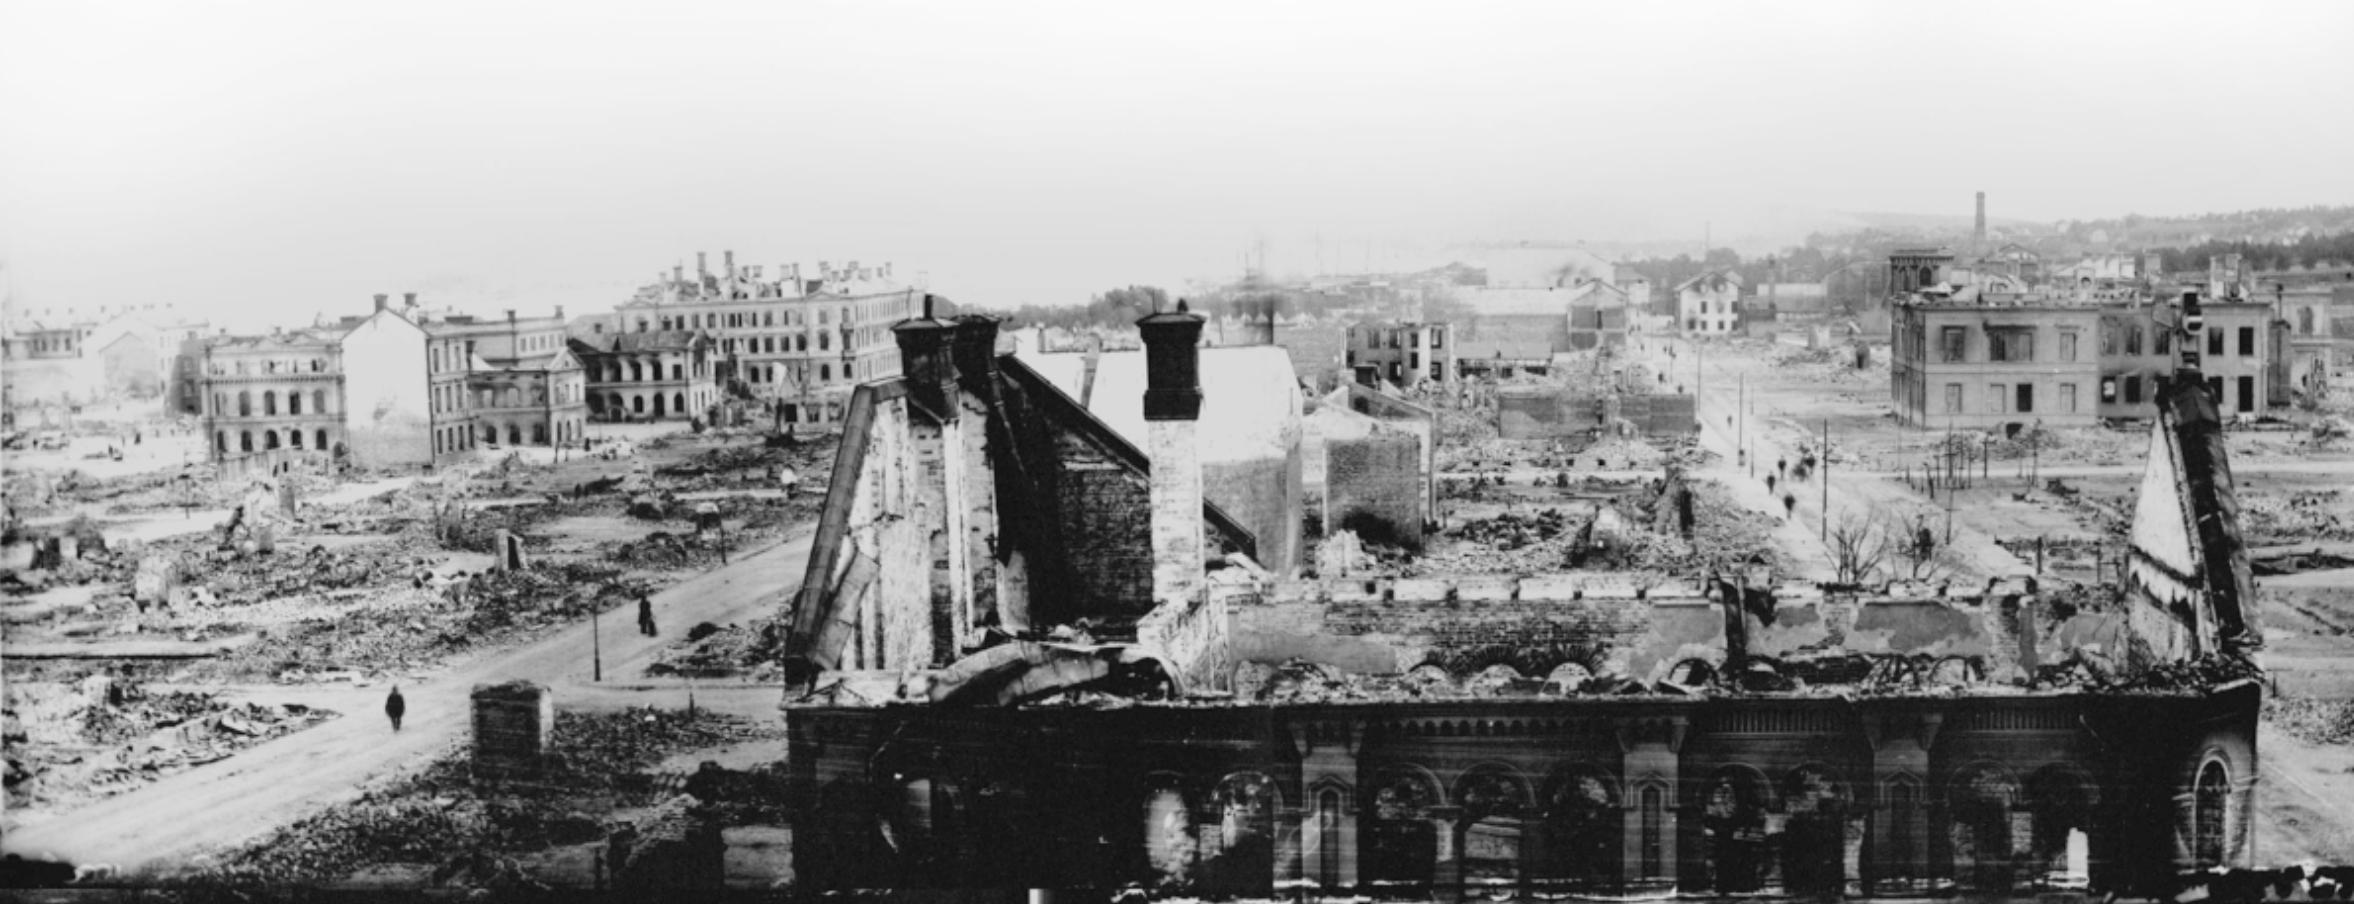 Sundsvall efter branden 1888